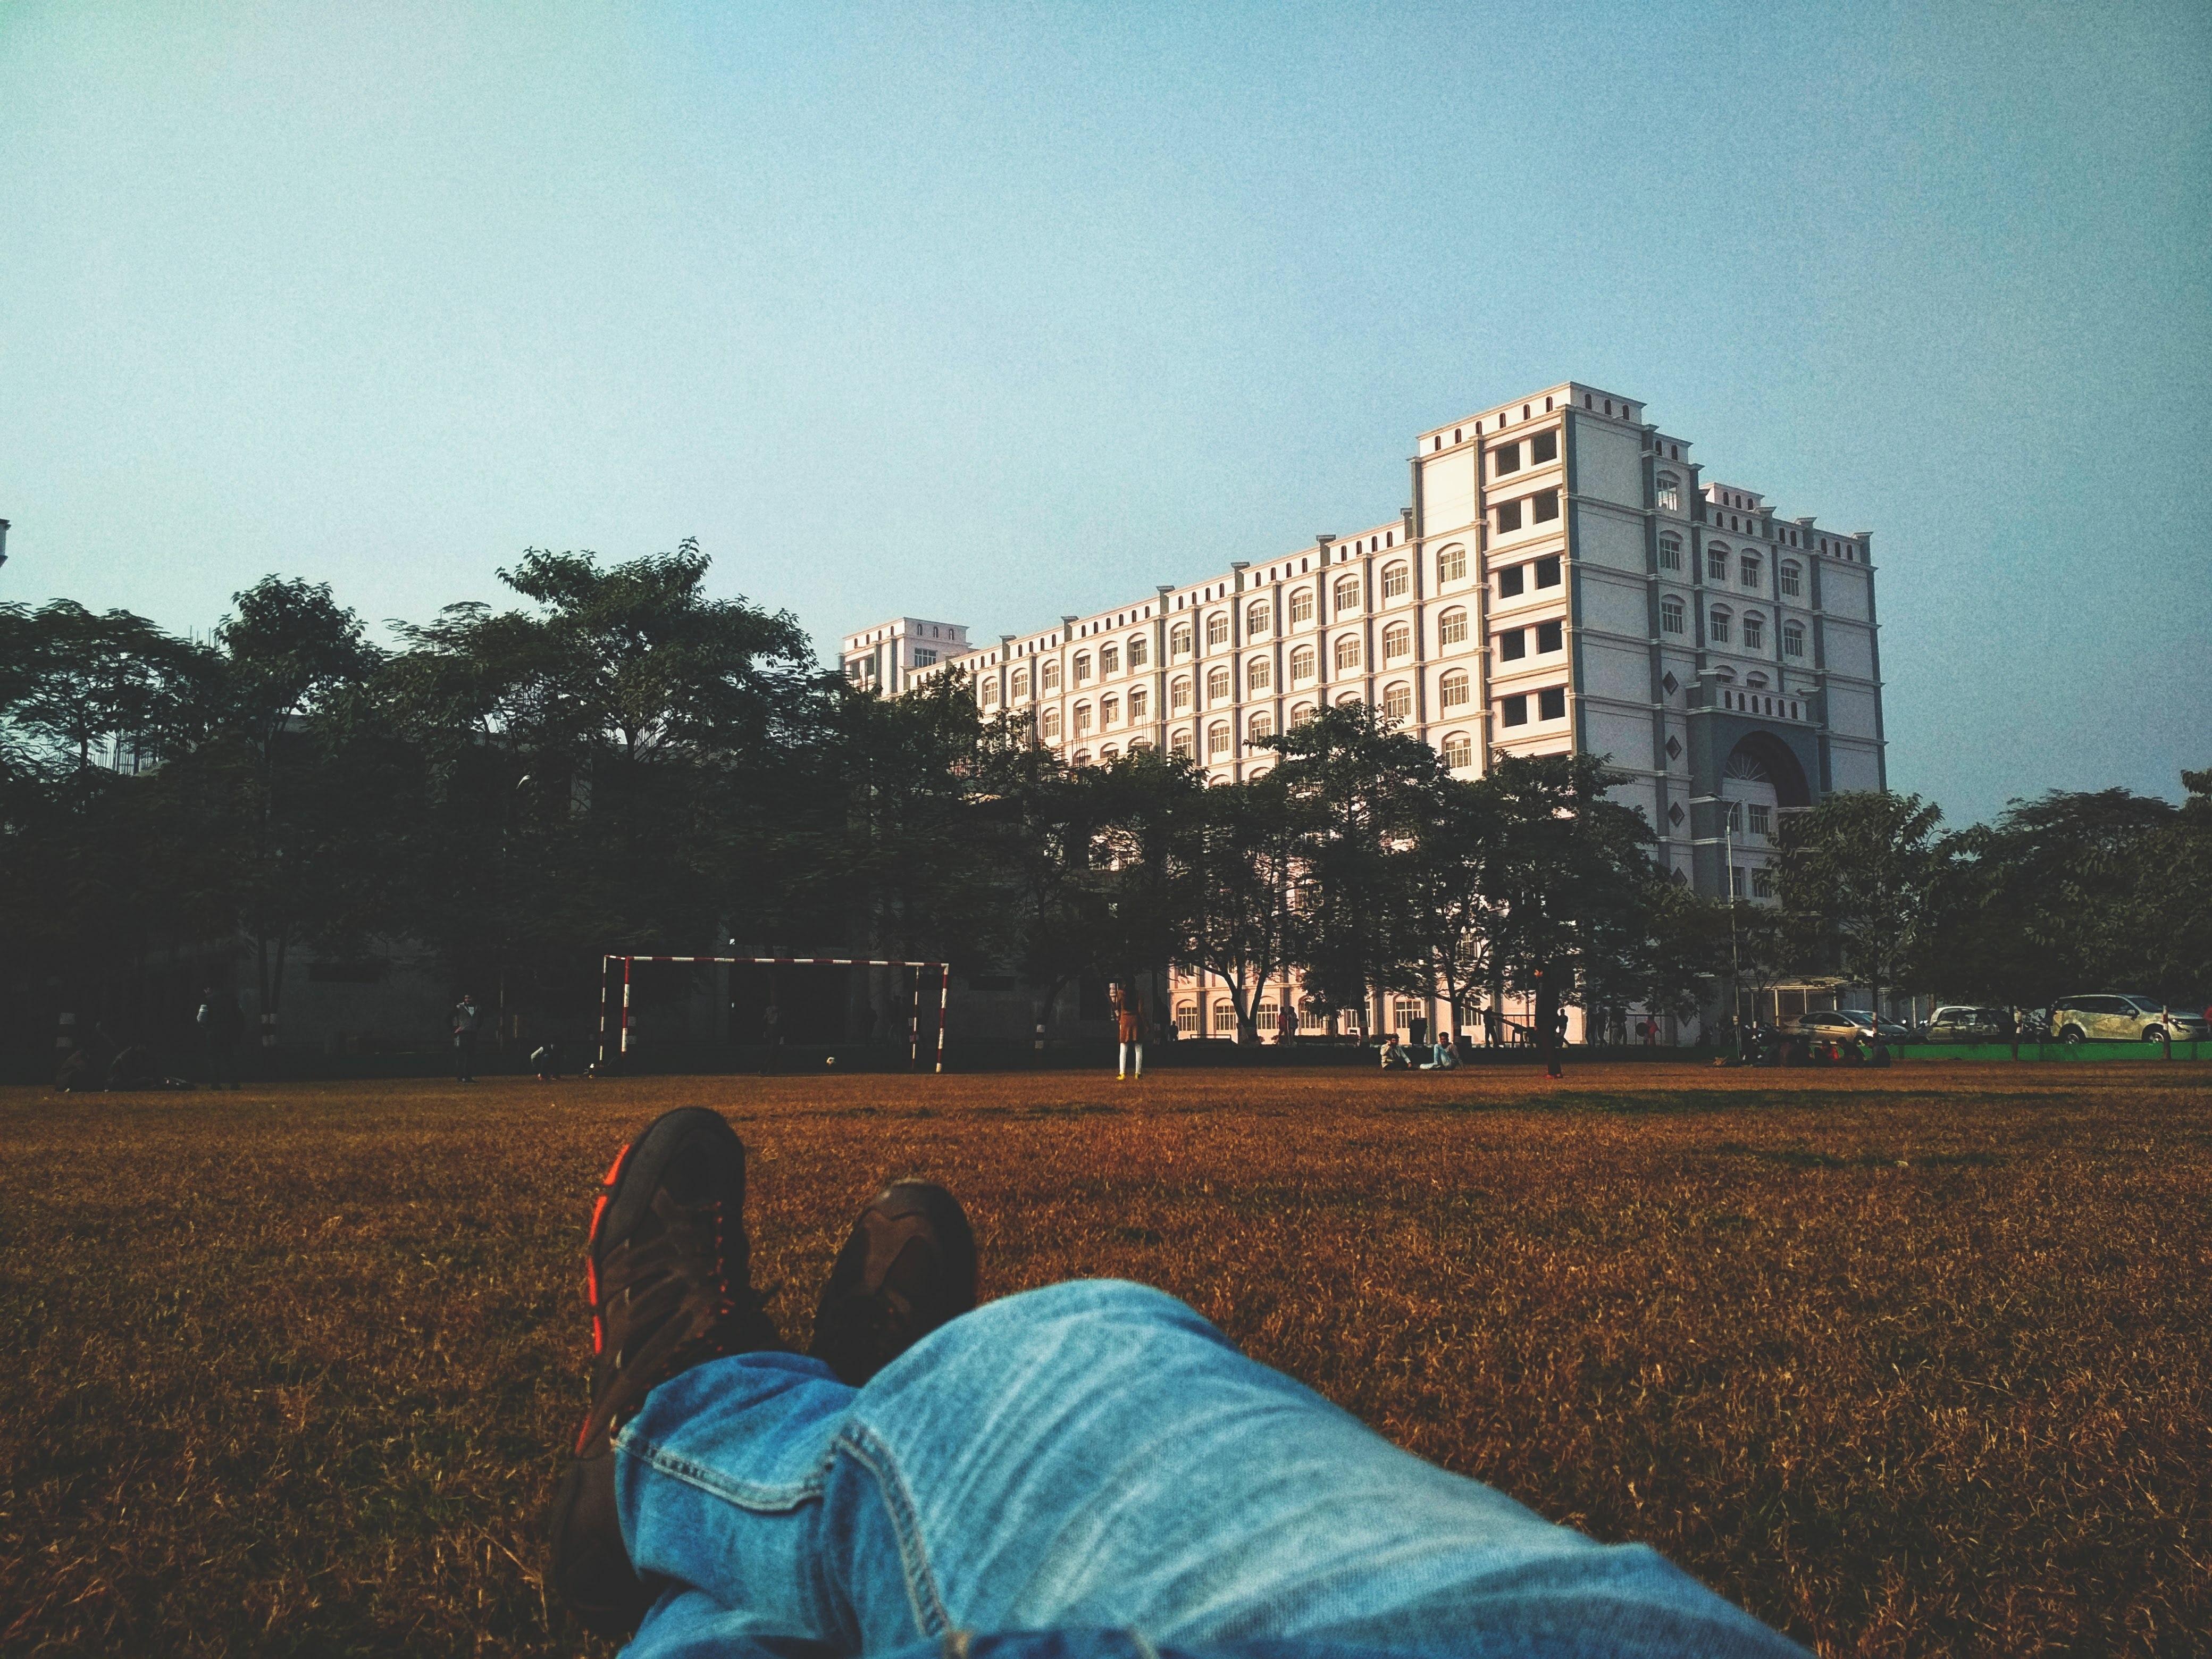 Migliorare l'Università